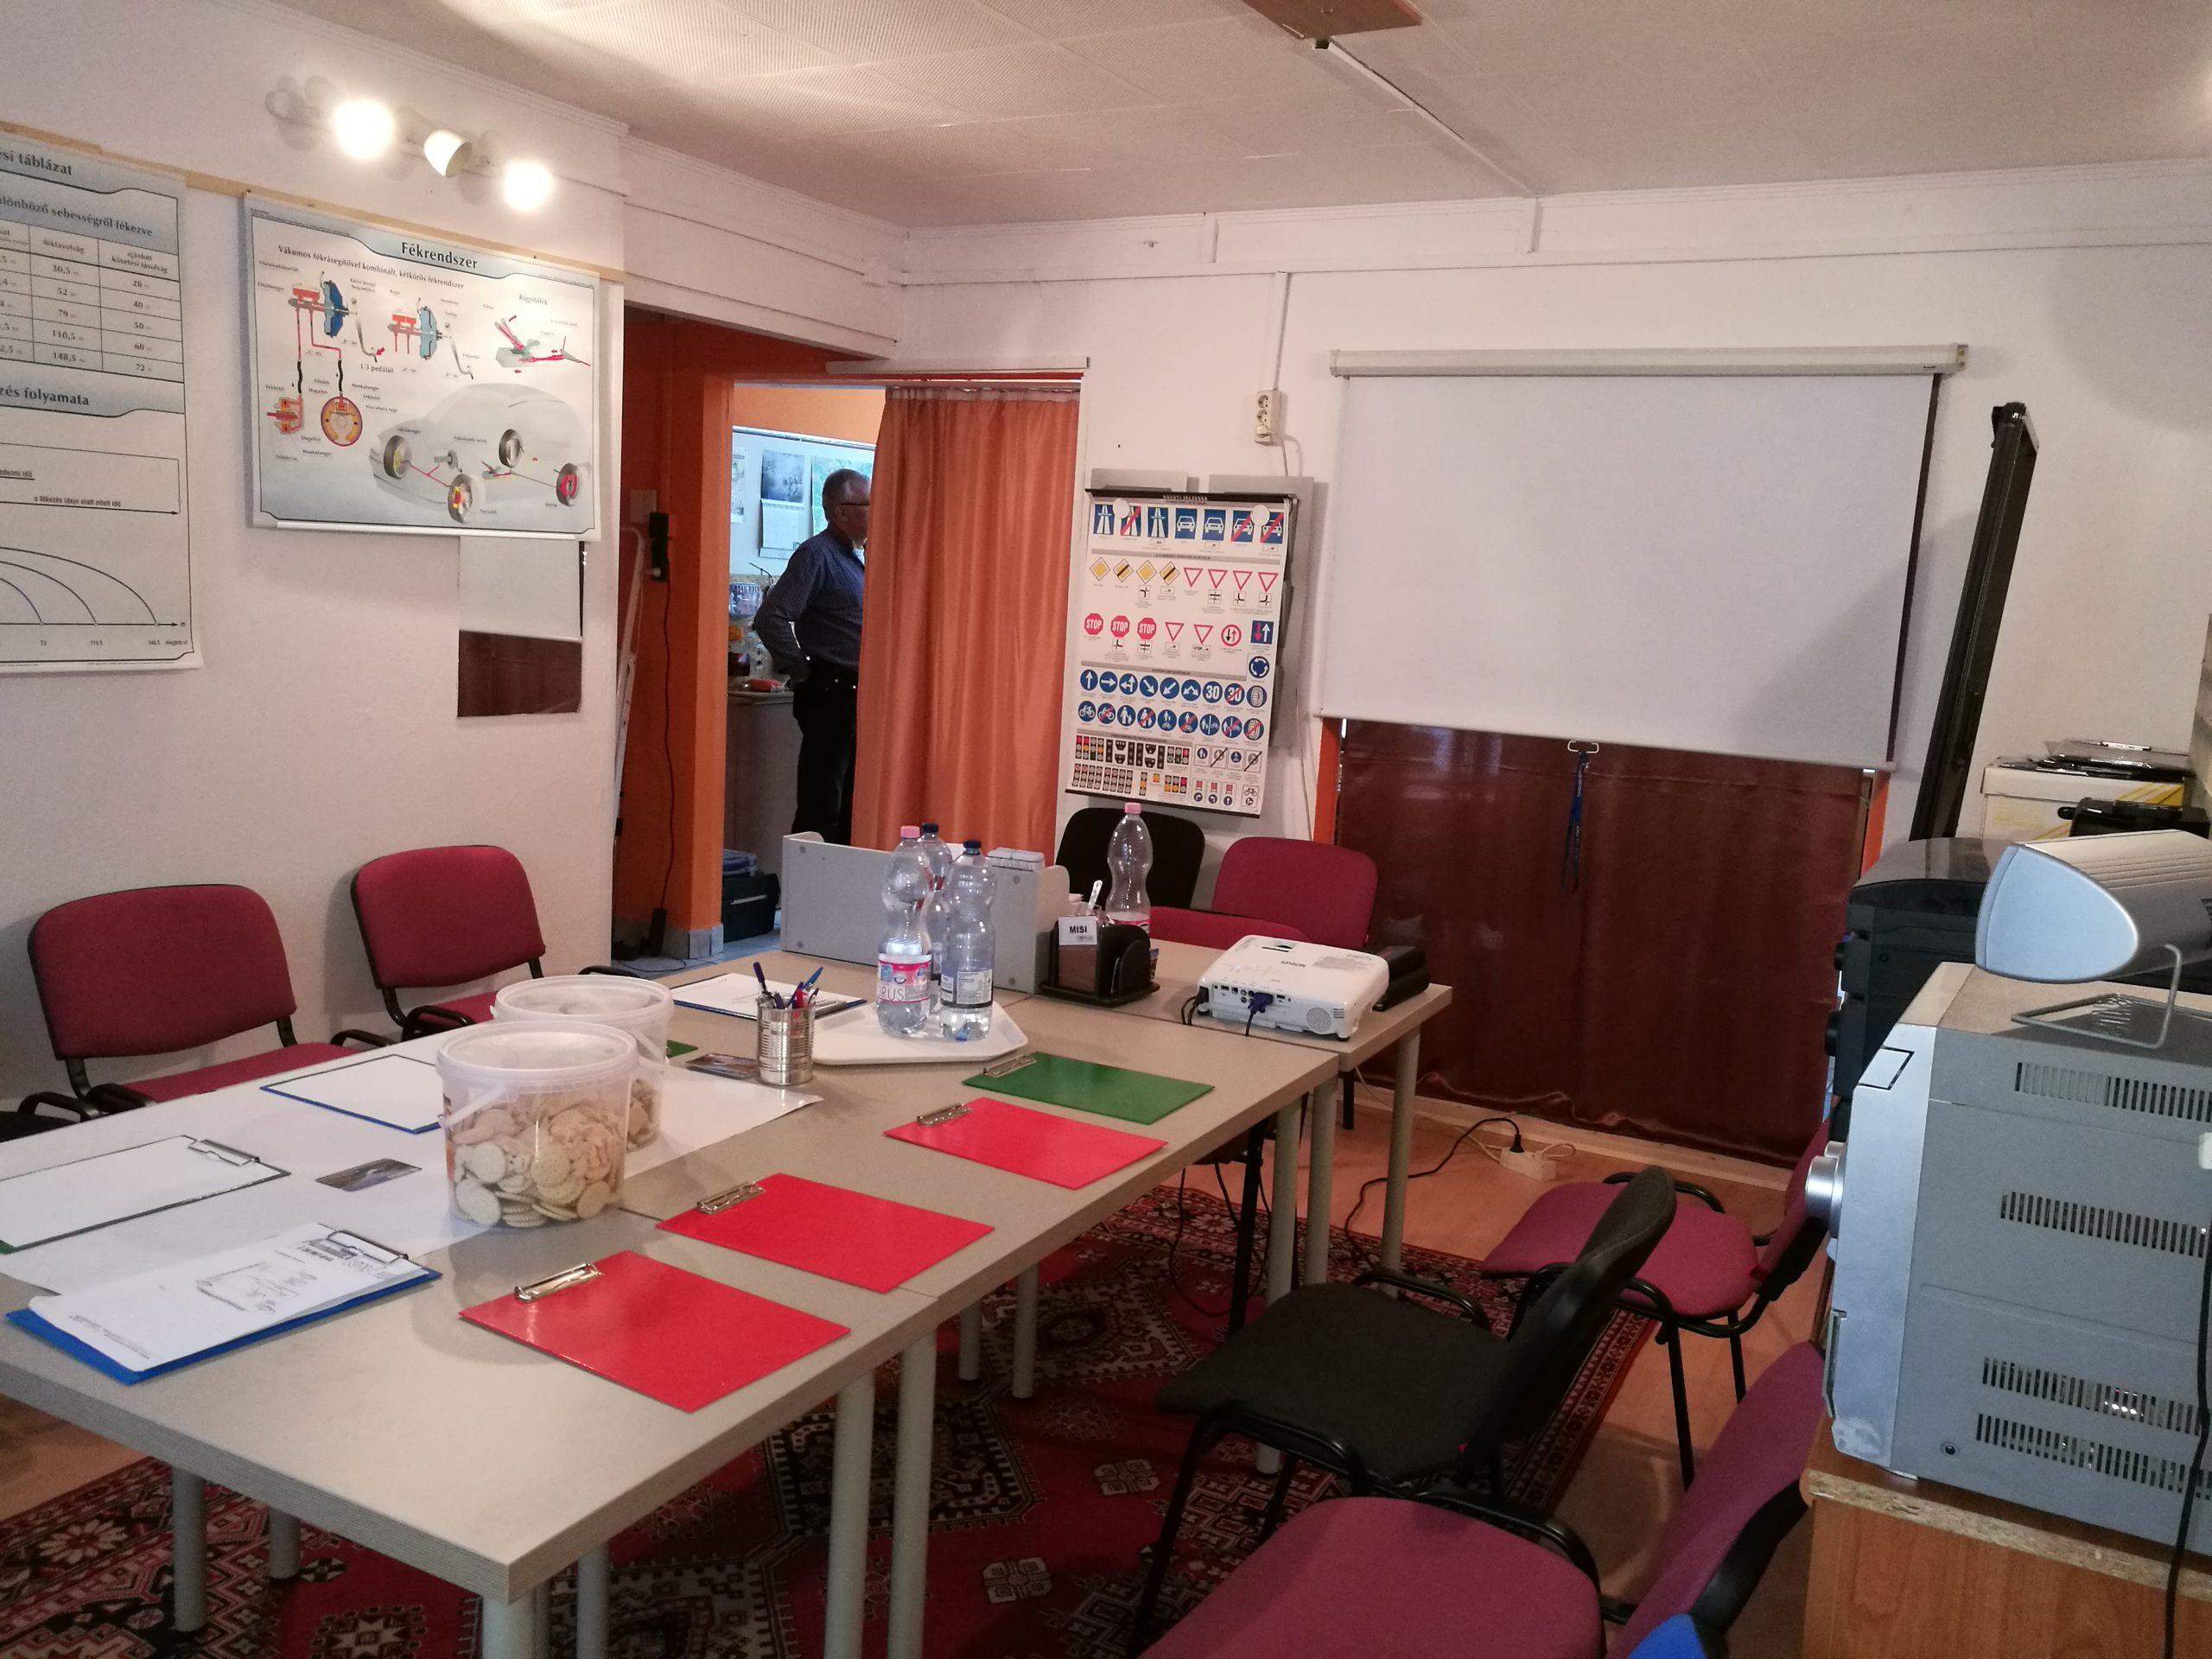 Aggod Oktatási Központ - GKI oktatás